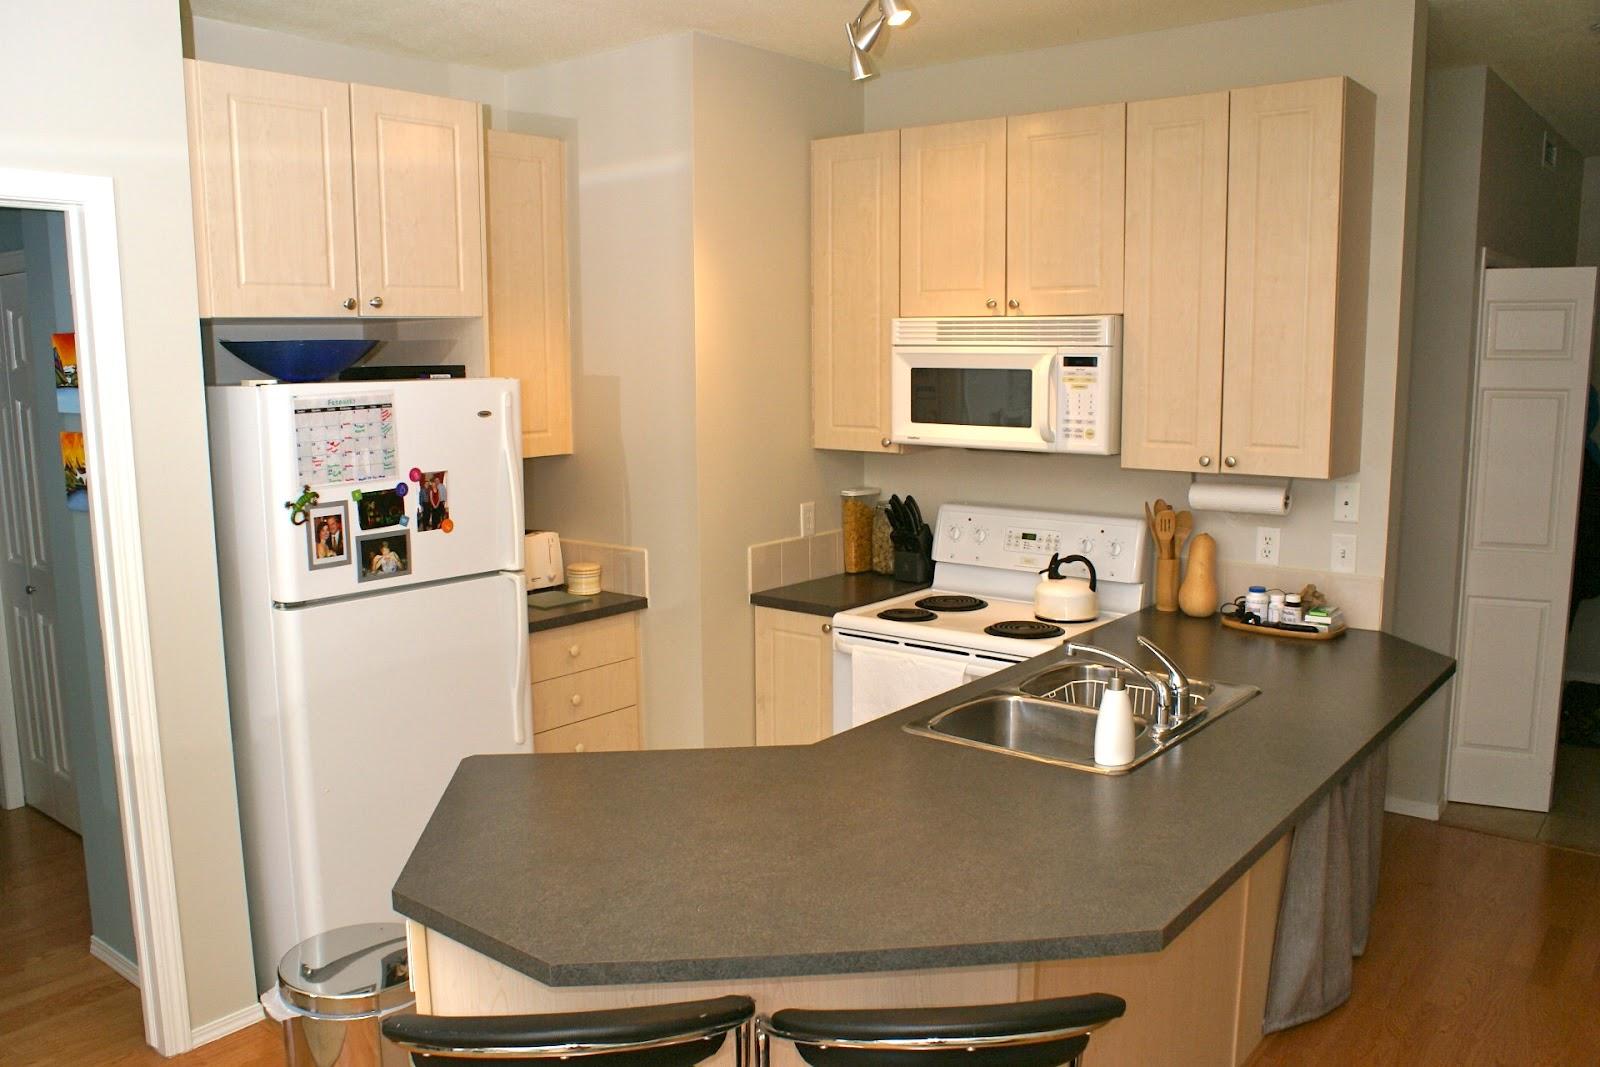 The Cozy Condo Kitchen Needing Tlc